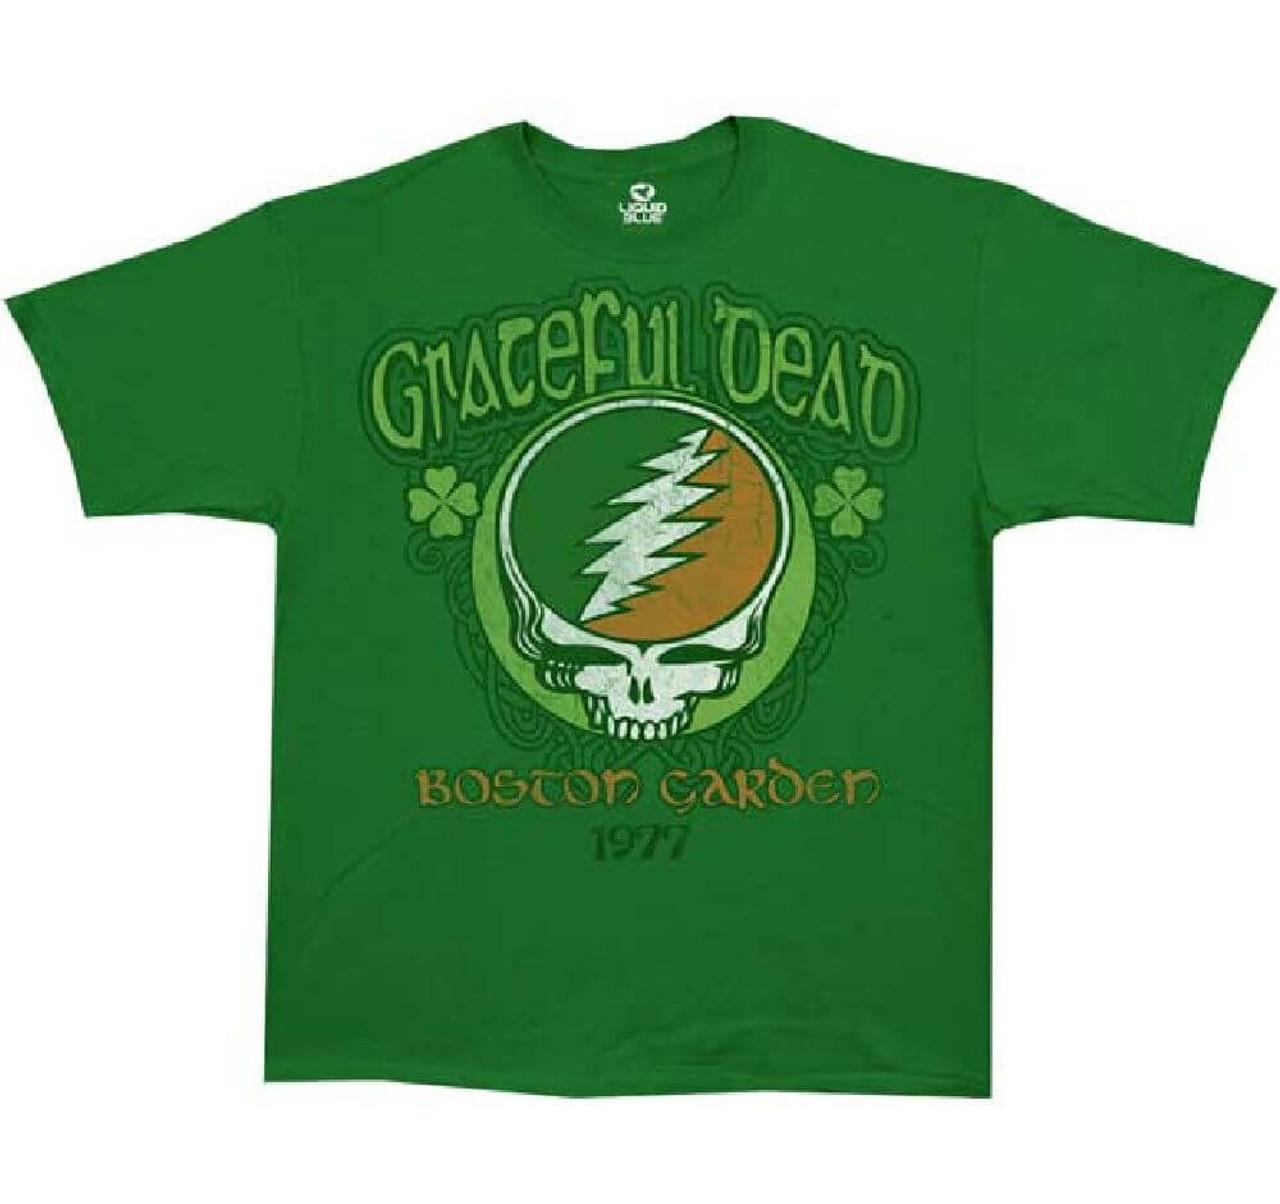 41407c8c56c Grateful Dead at the Boston Garden 1977 Men s Vintage Concert T-shirt